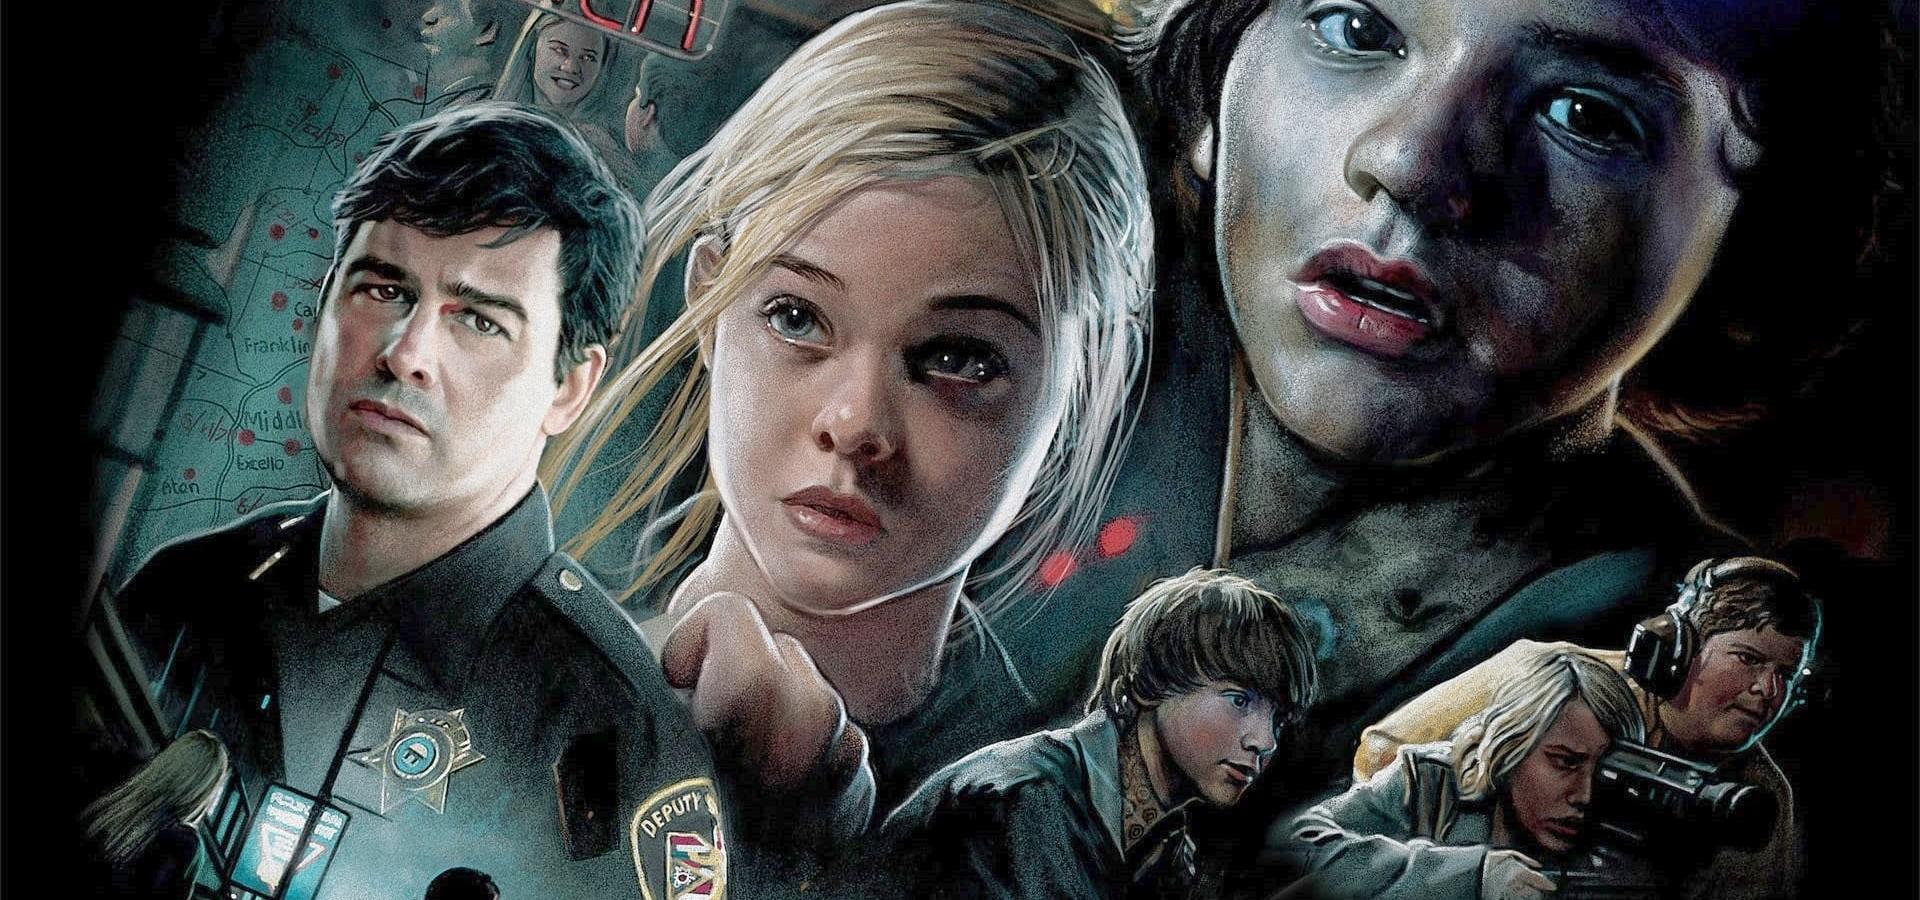 Super 8, filmowy hołd dla Stevena Spielberga, ma dziesięć lat! Dlaczego warto nadrobić ten tytuł?